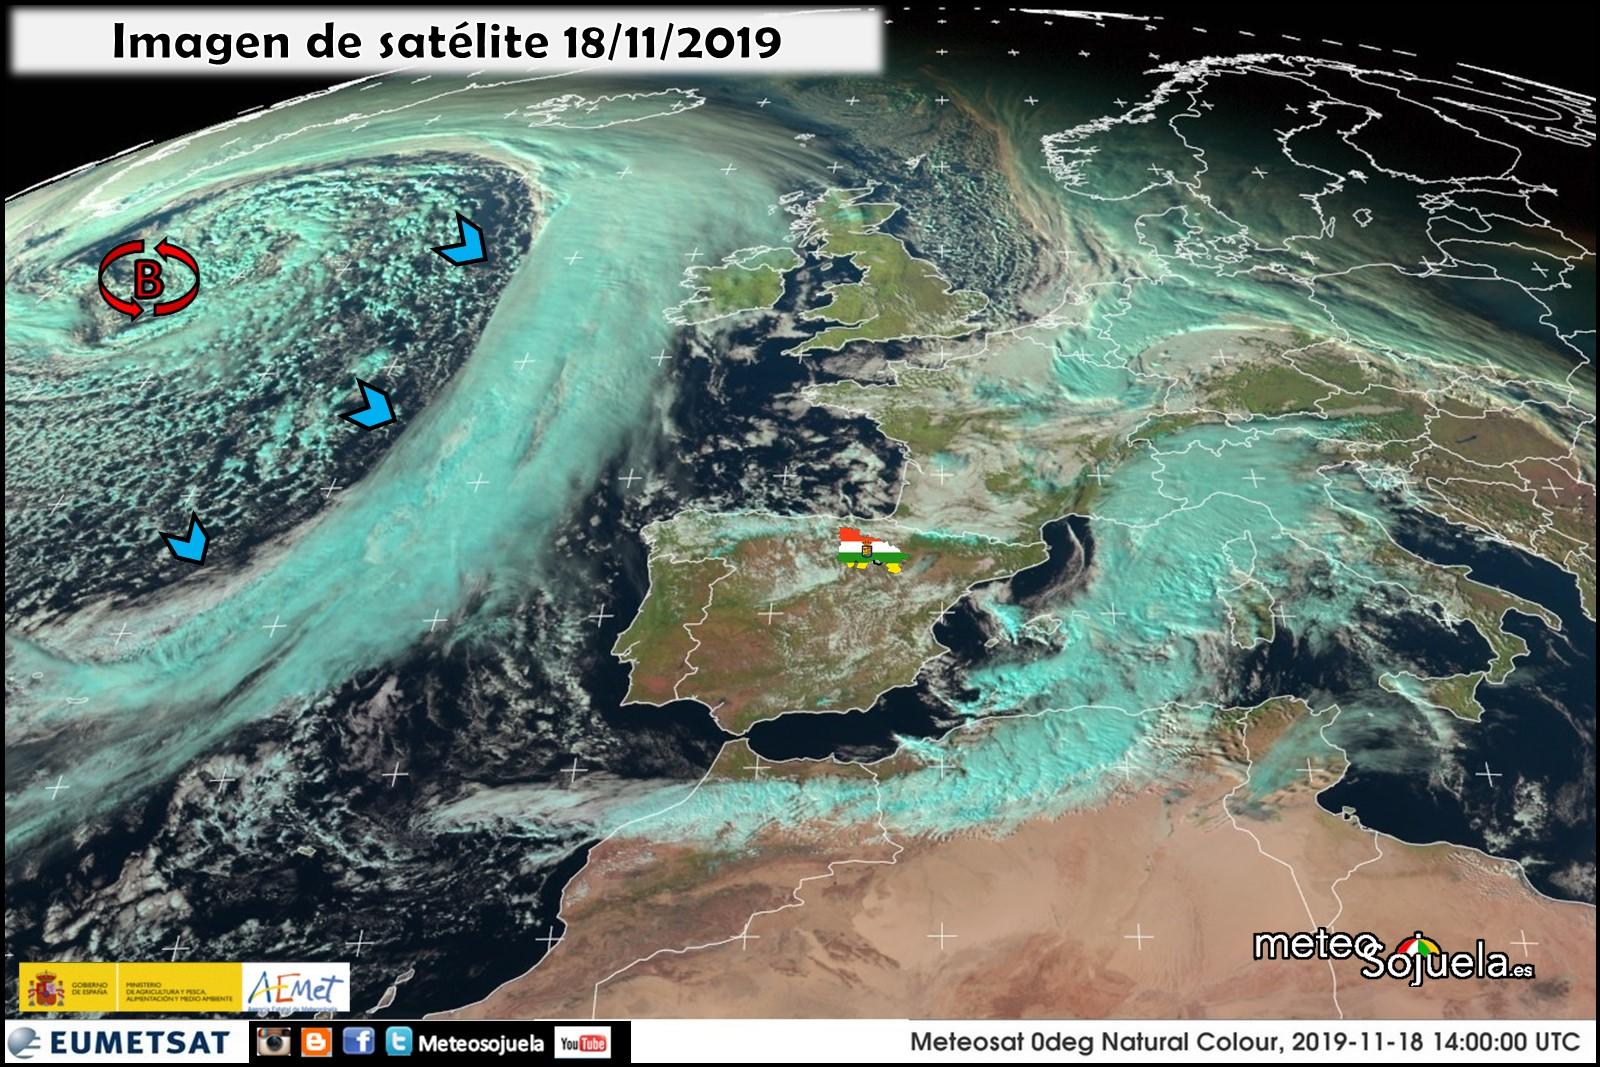 Imágen Sátelite Borrasca y Frente Atlántico